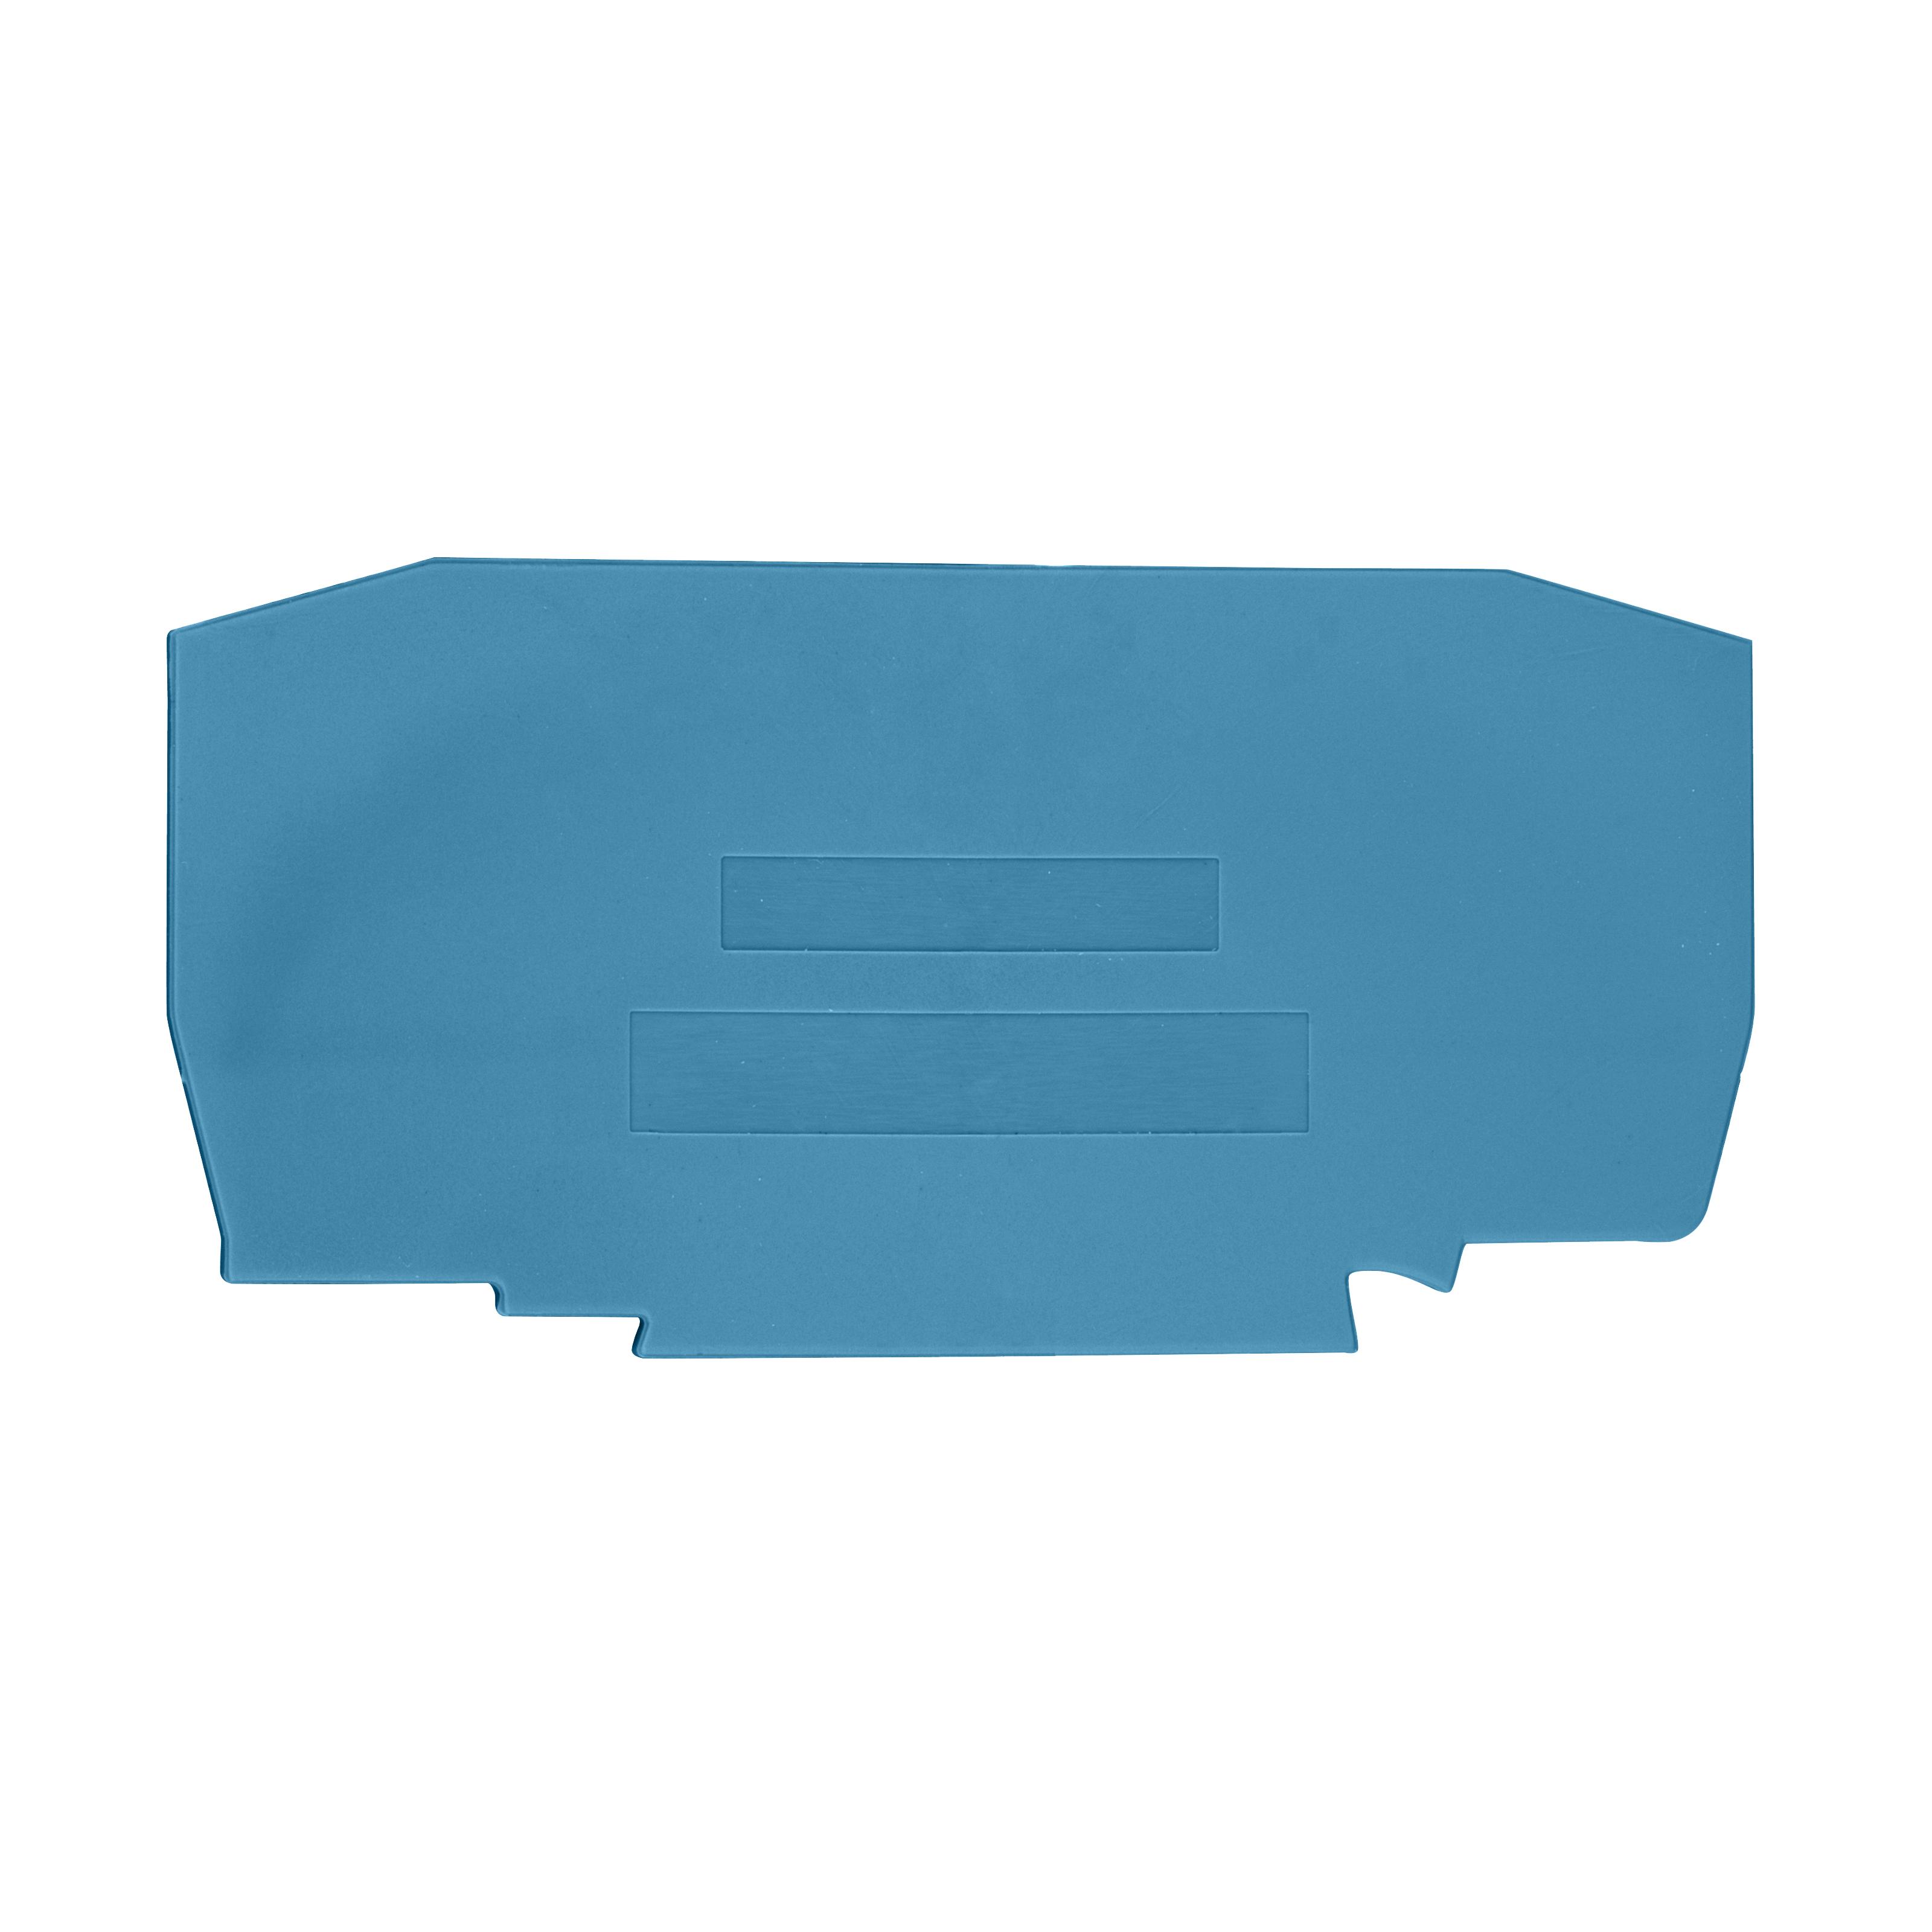 1 Stk Endplatte für Federkraftklemme YBK 10 blau IK611210-A